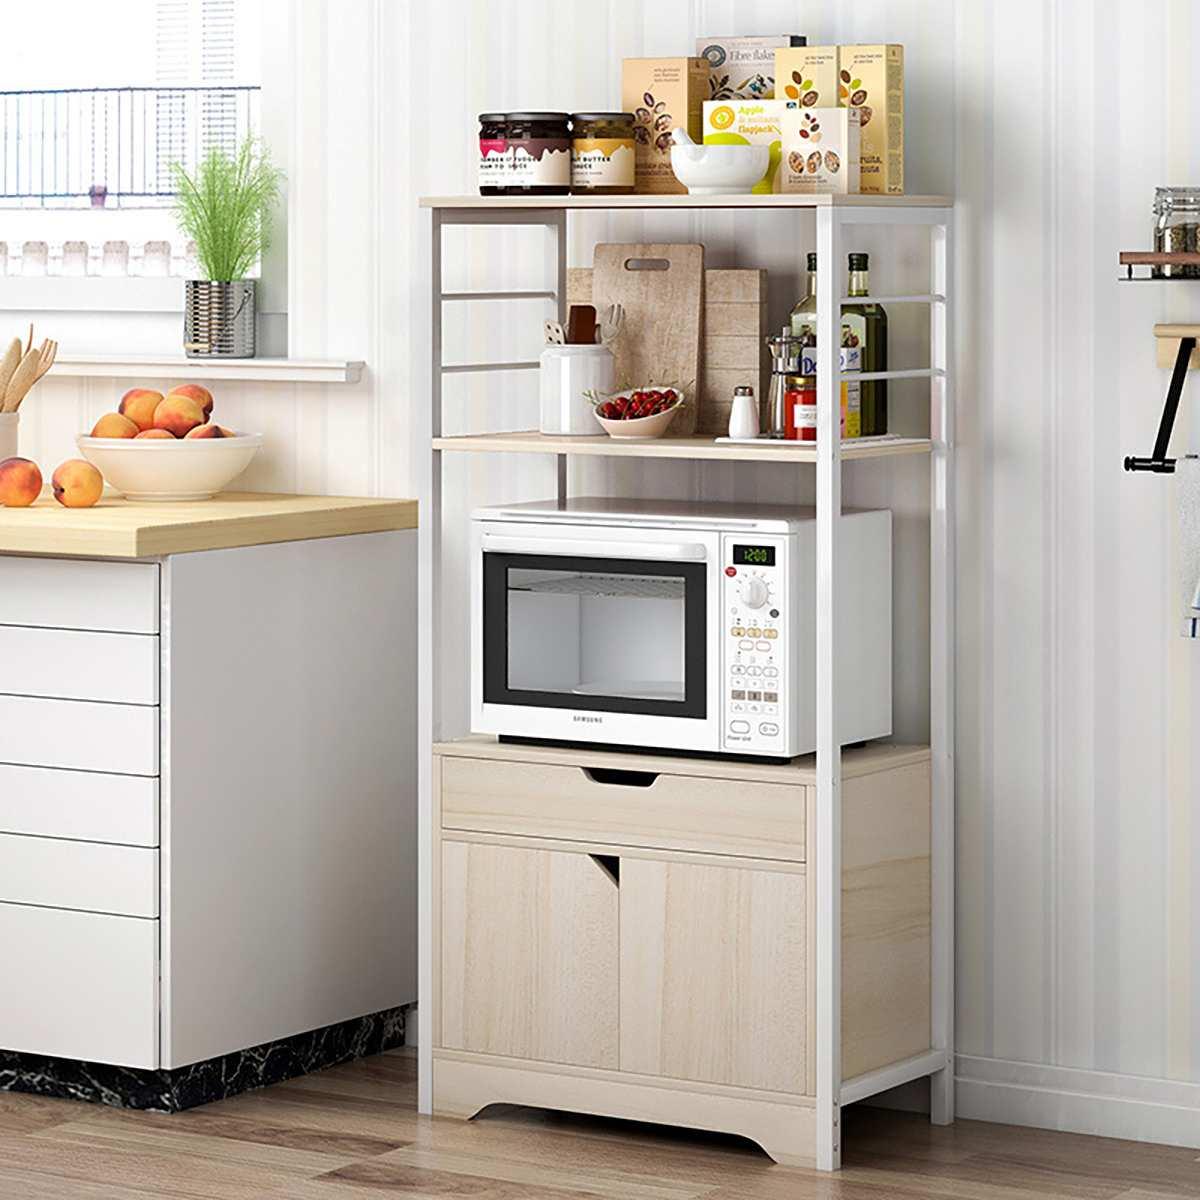 خزانة مطبخ مع 3 مستويات ، وحدة تحكم ، بوفيه ، طاولة جانبية ، أثاث مدخل مع أبواب مغلقة ، خزائن مطبخ